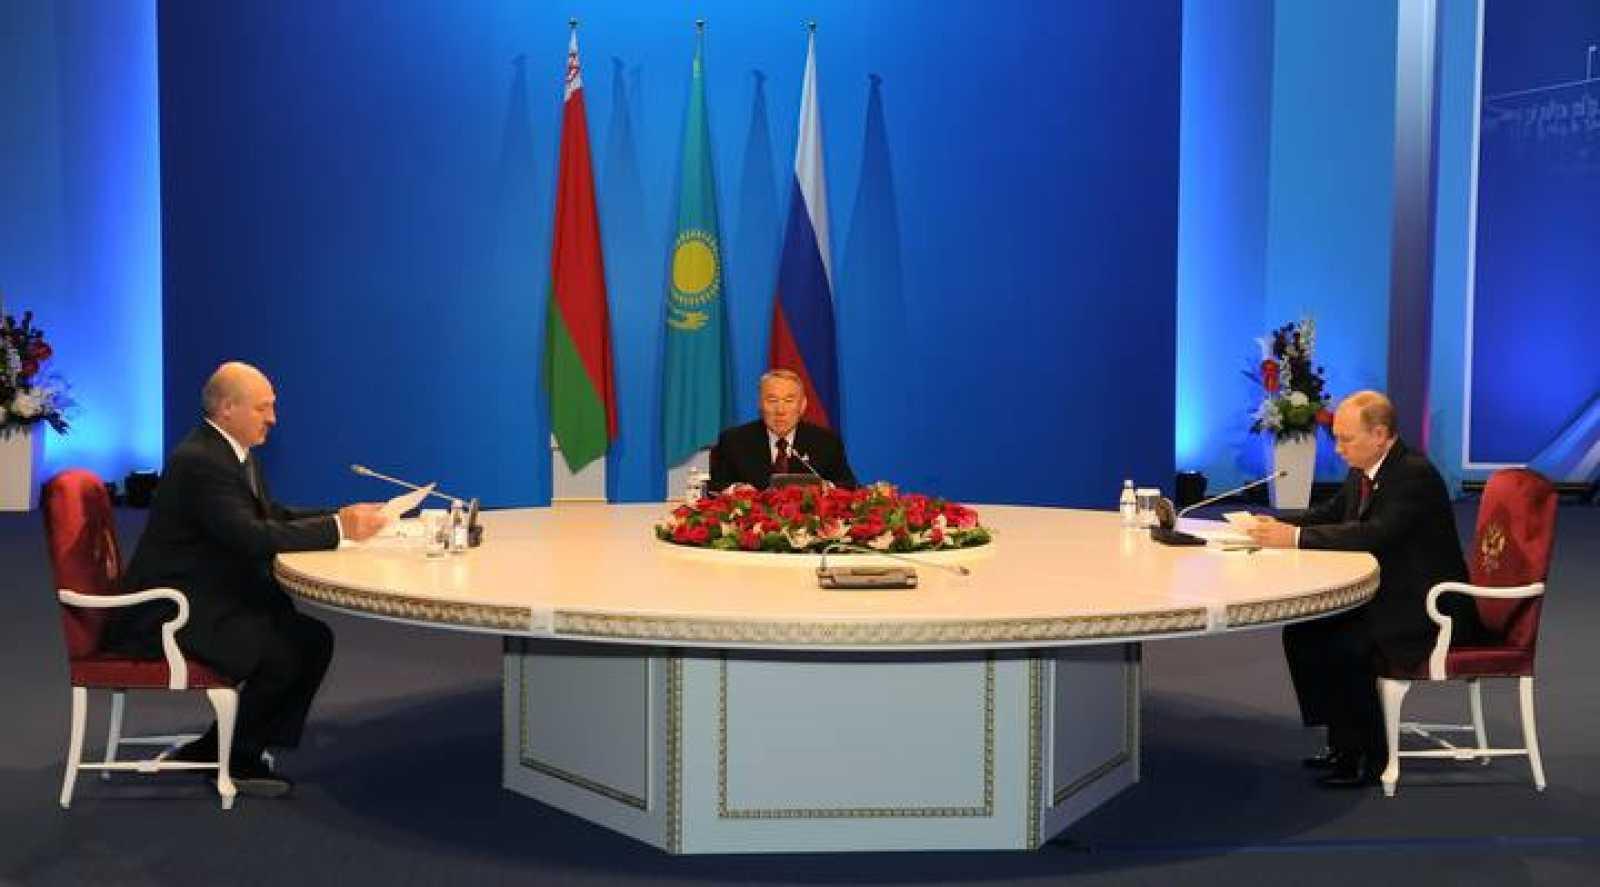 De derecha a izquierda, Vladímir Putin, presidente de Rusia; Nursultán Nazarbáyev, de Kazajstán; y Alexander Lukashenko, de Bielorrusia, durante la firma del acuerdo de Unión Económica Euroasiática